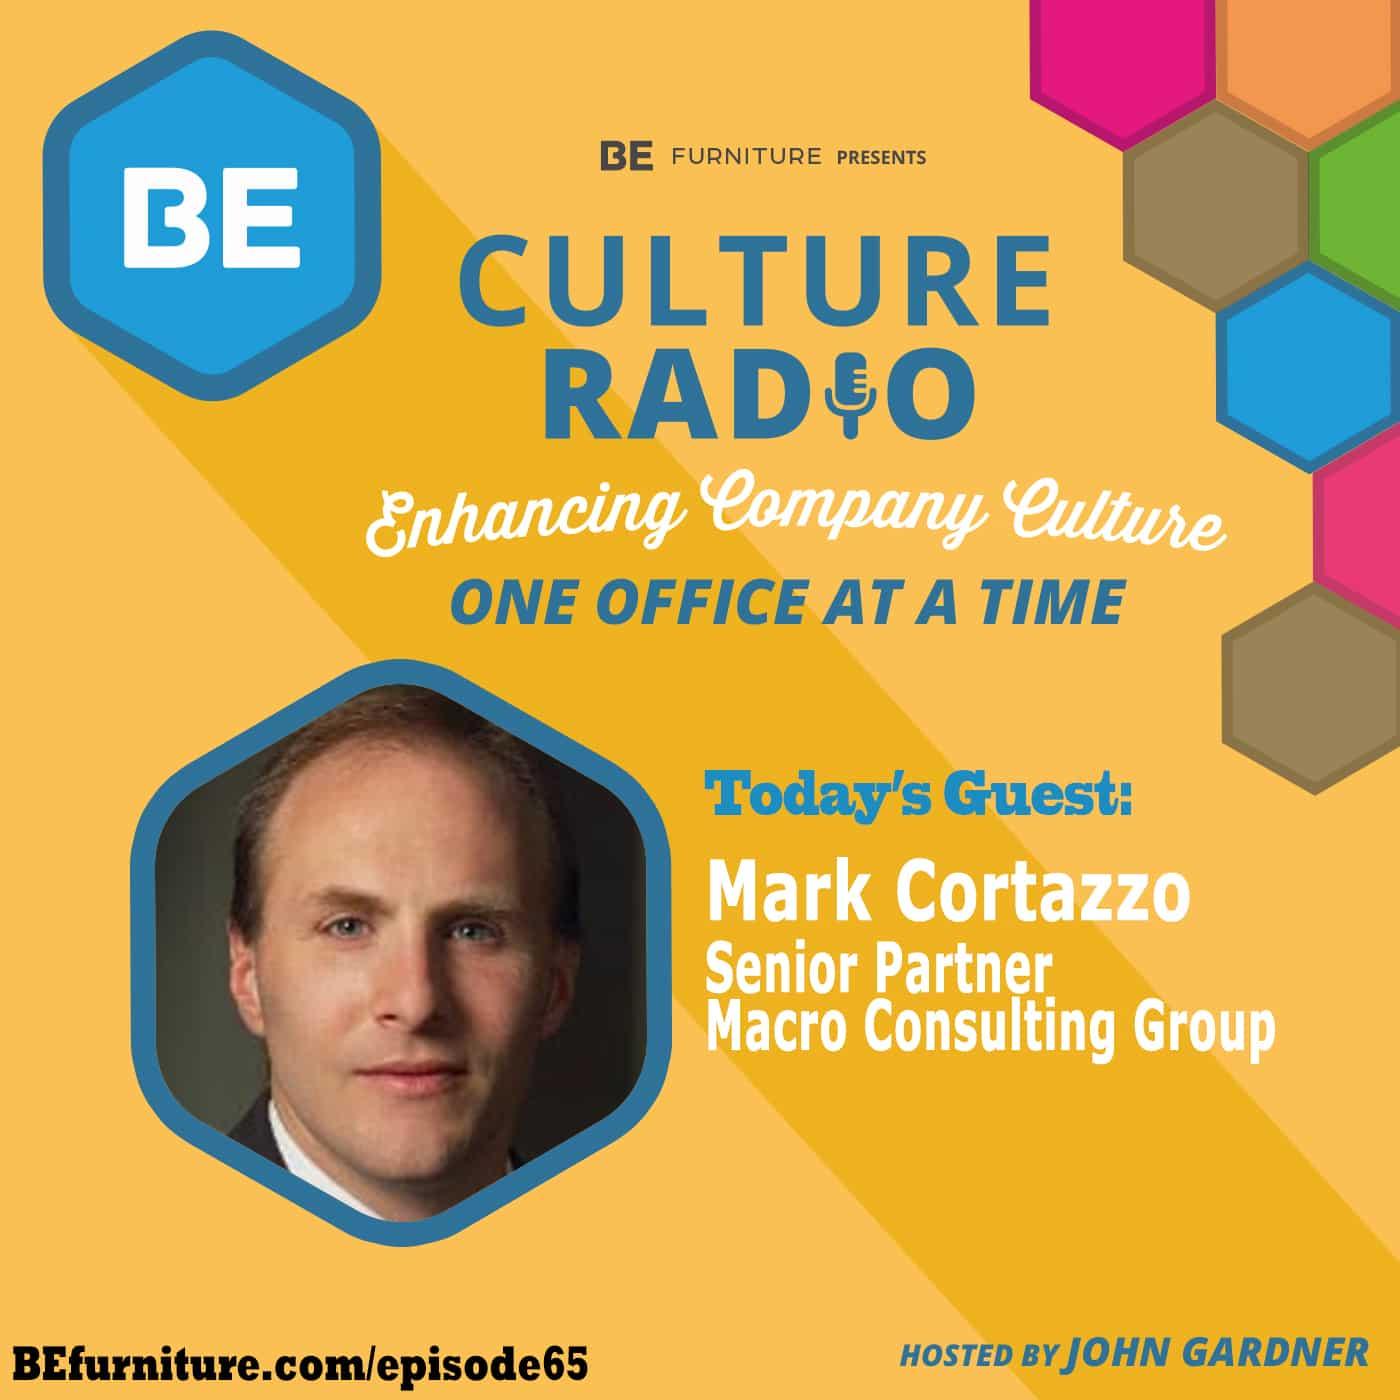 Mark Cortazzo